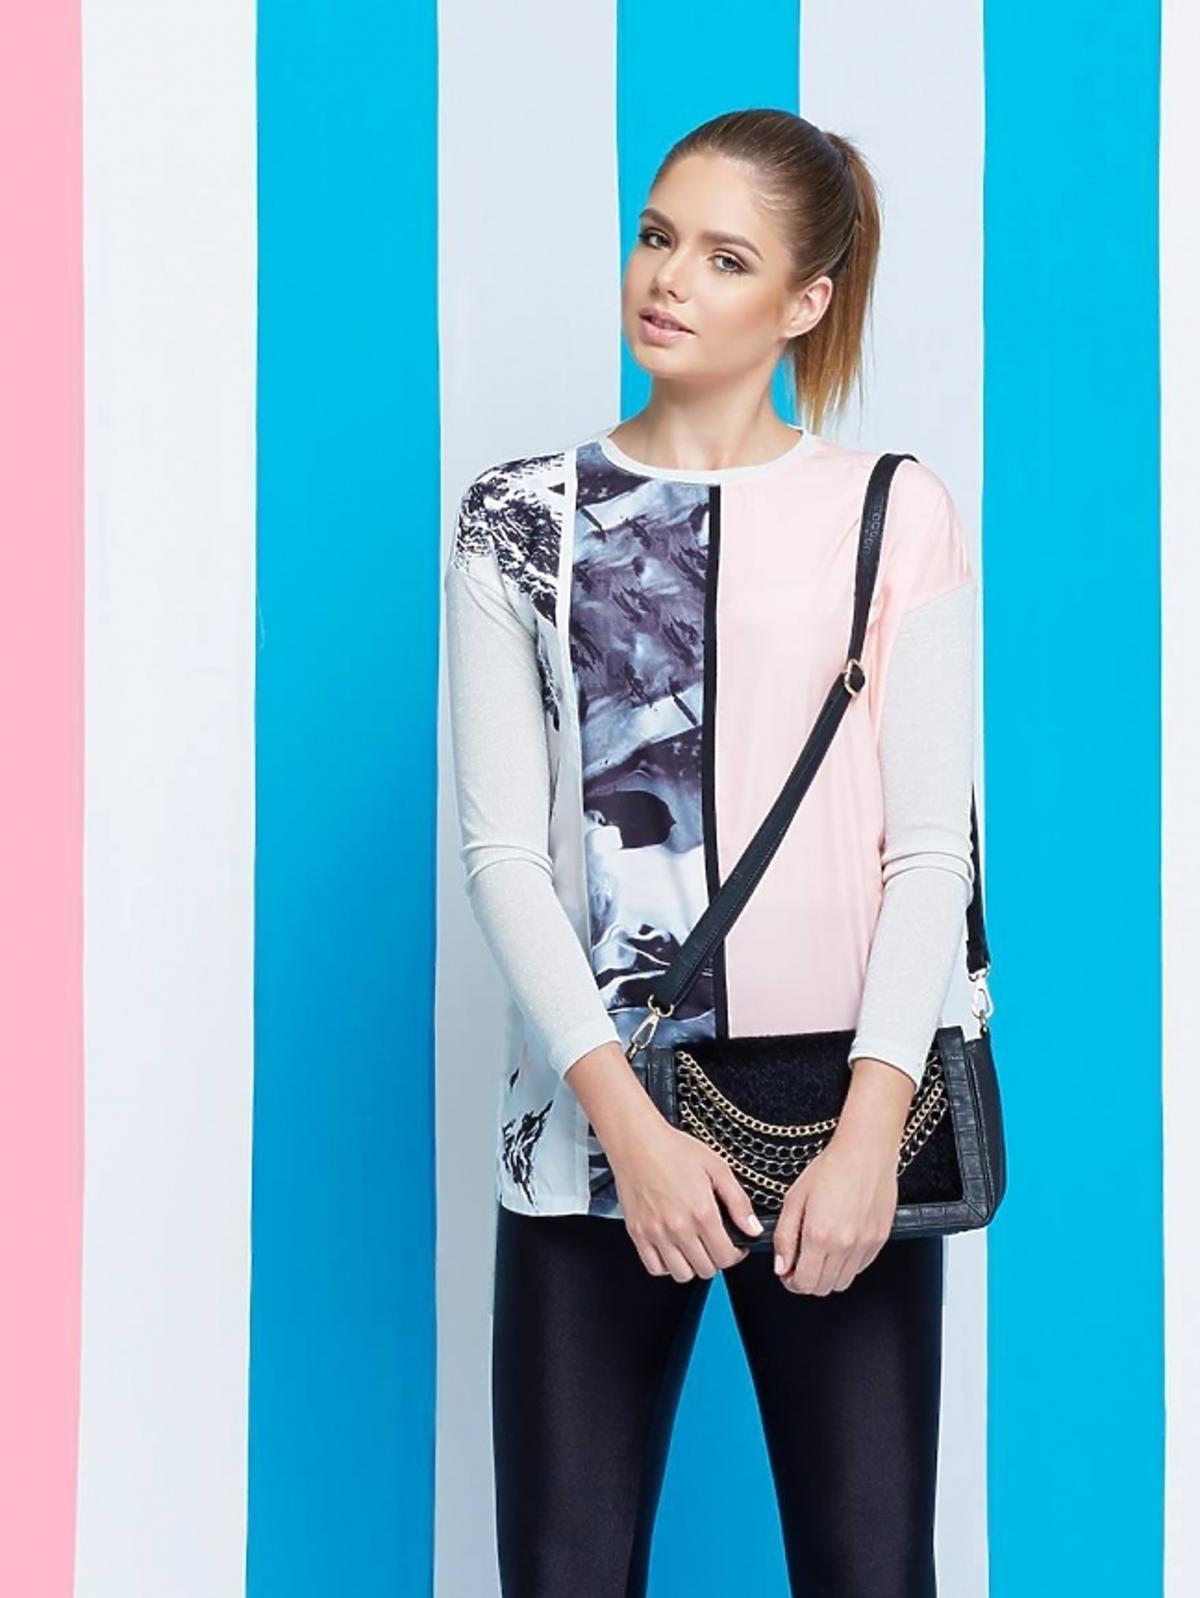 Olga Kaczyńska w kampanii marki odzieżowej Breakout